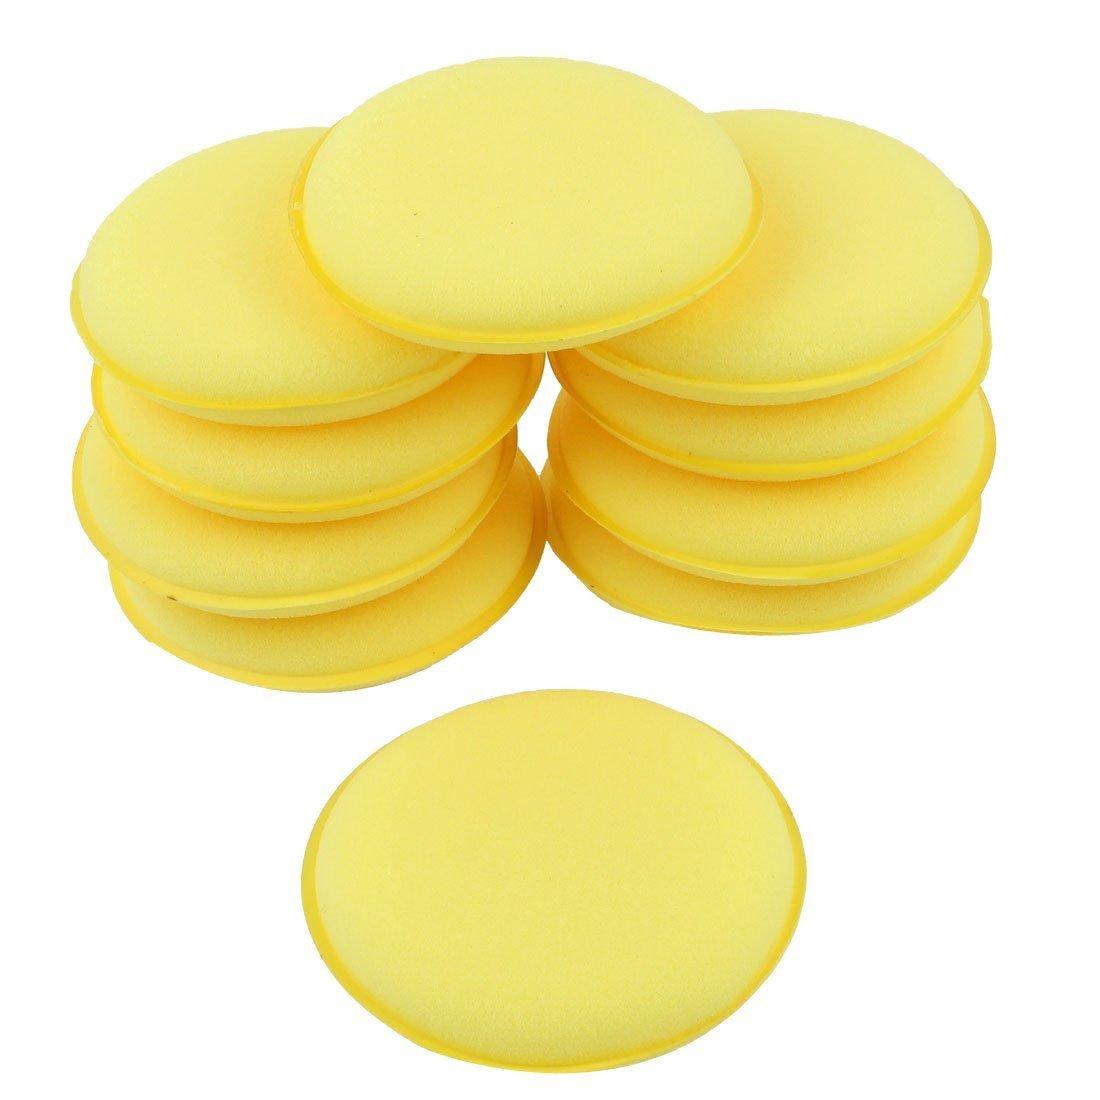 Cojin de esponja de cera de coche - TOOGOO(R)10 Pzs Frma redonda 4 pulgadas diametro Cojin de aplicador de cera de esponja Amarillo 4333115862